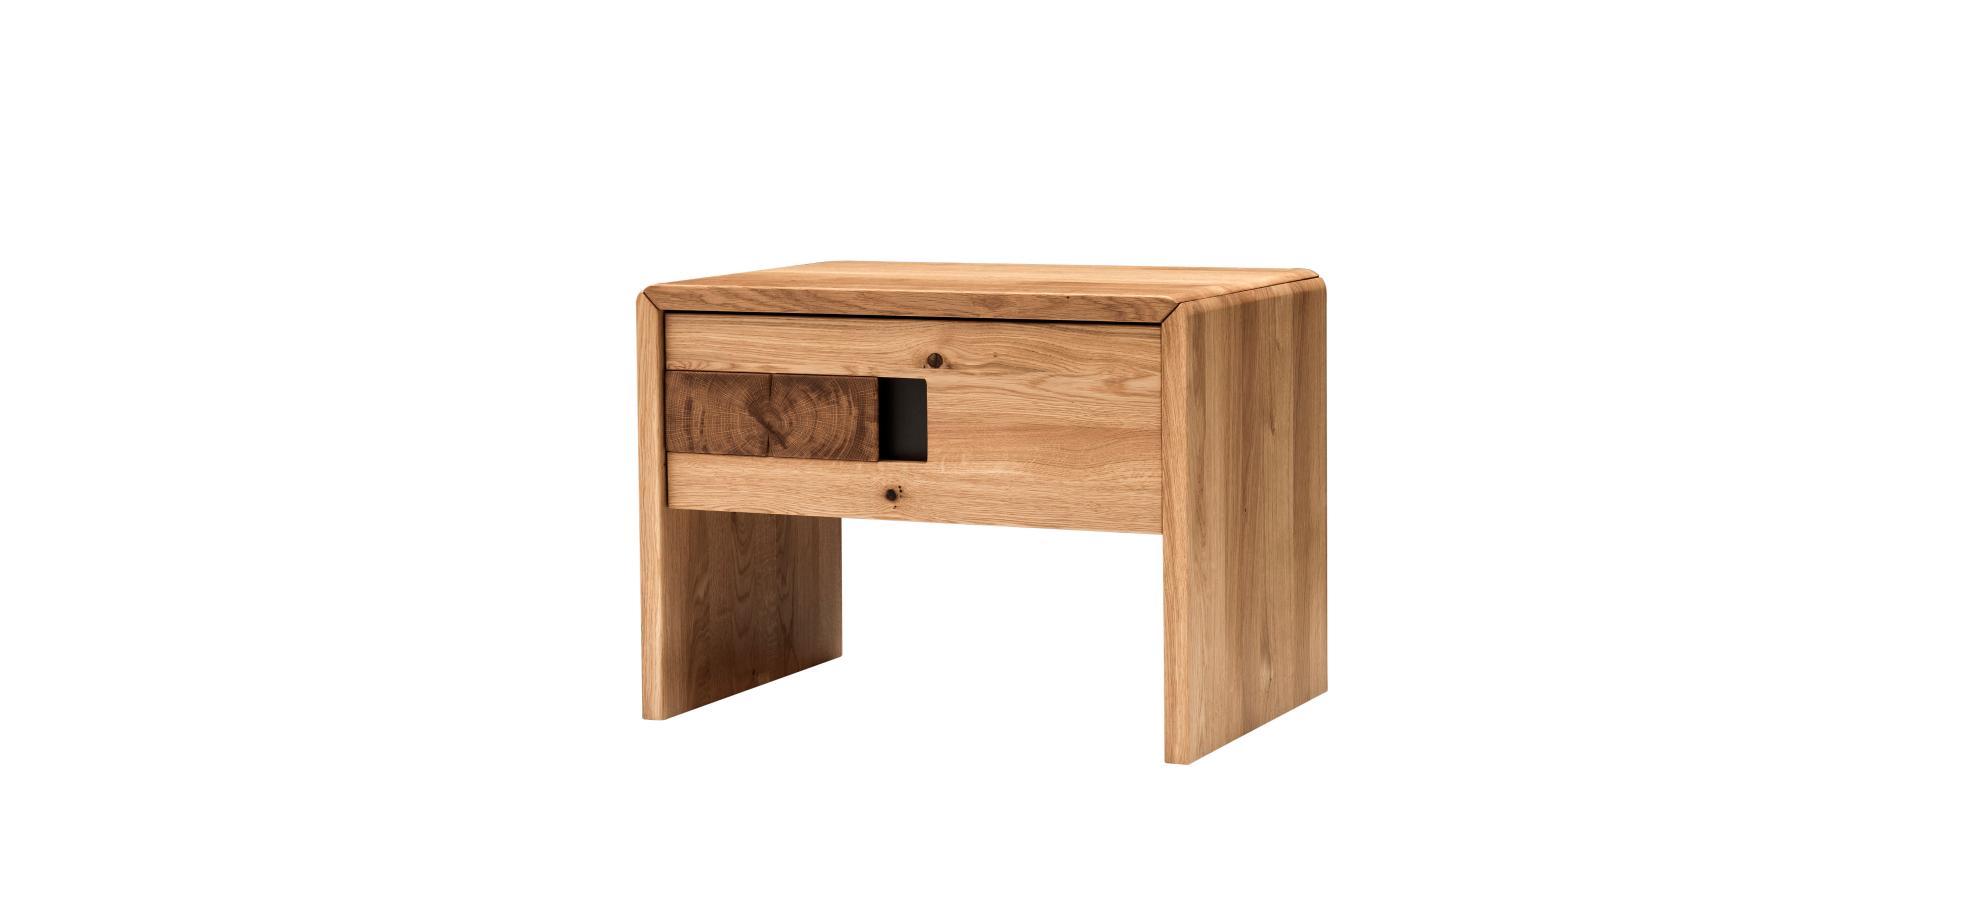 Image Result For Wohnzimmer Couch Freistehend